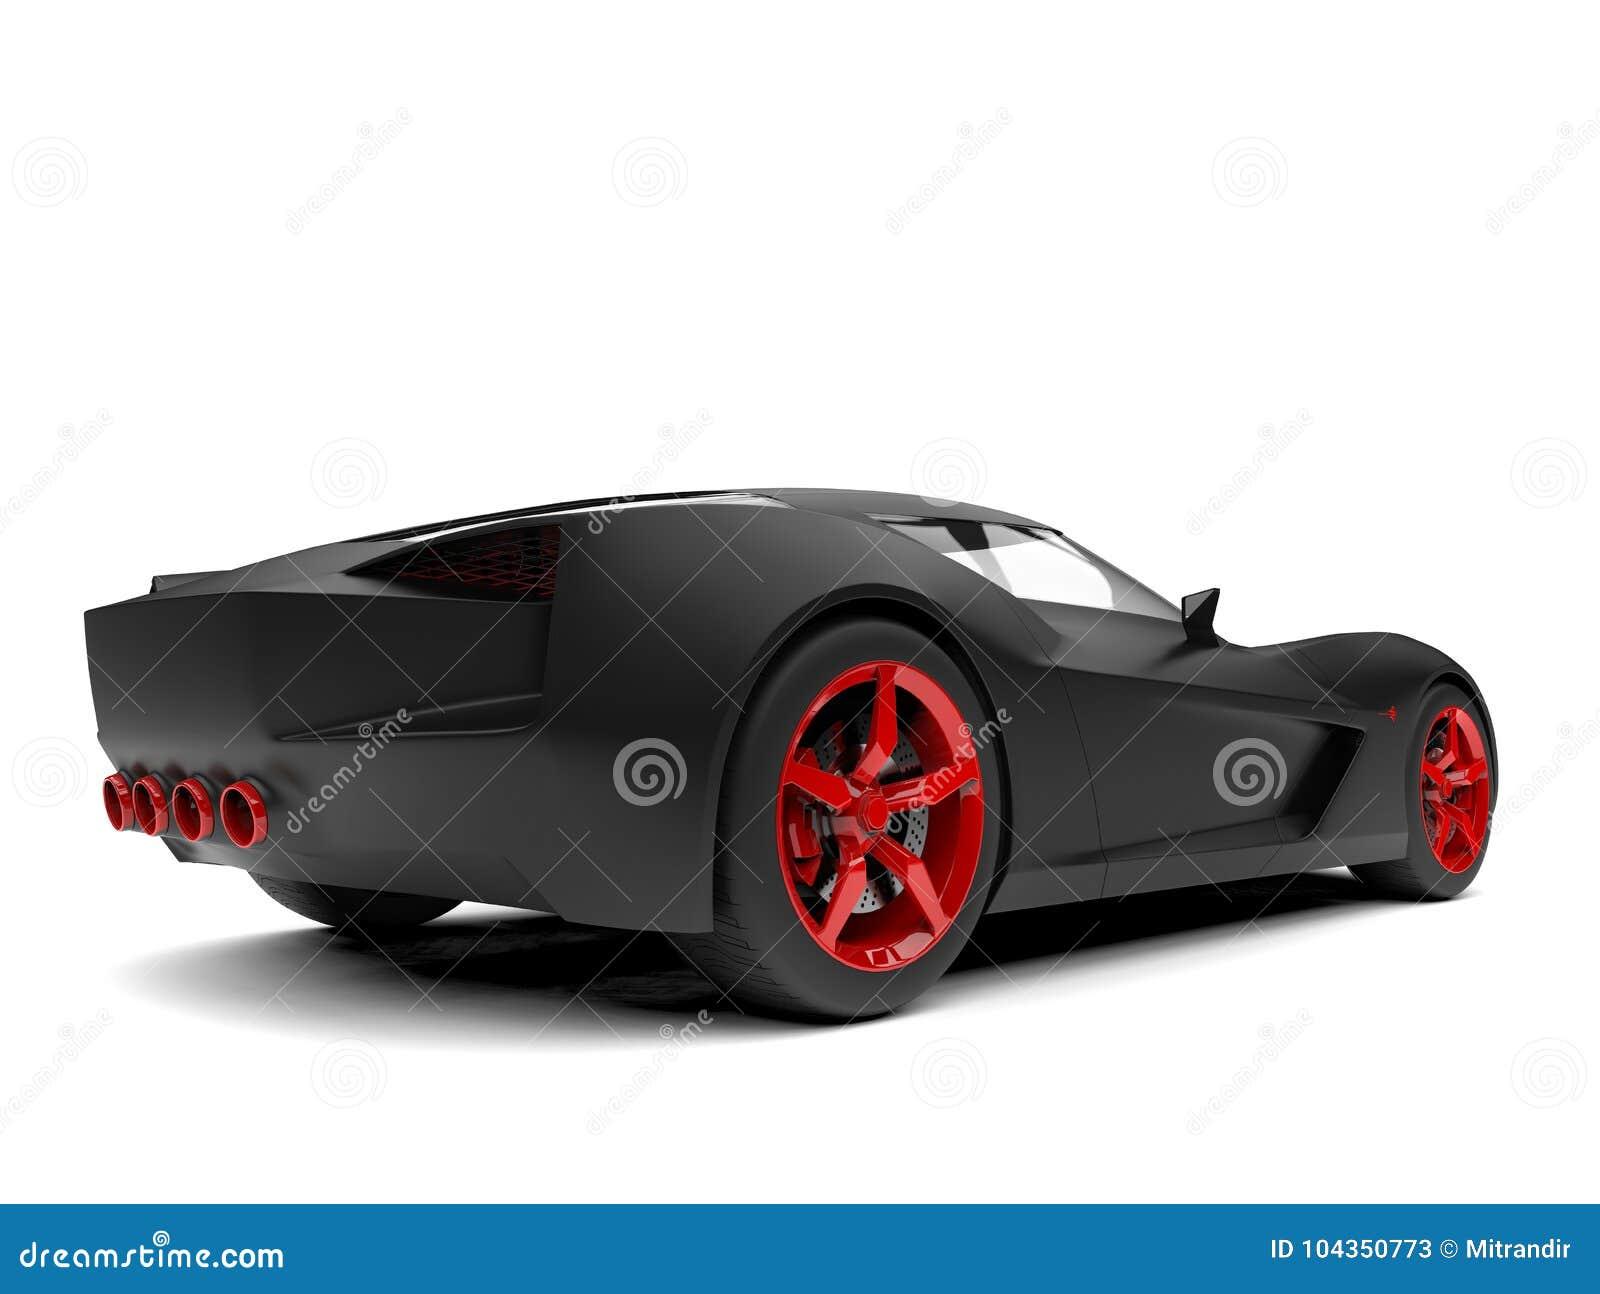 Carro super preto matte do conceito dos esportes com bordas e detalhes vermelhos - vista traseira